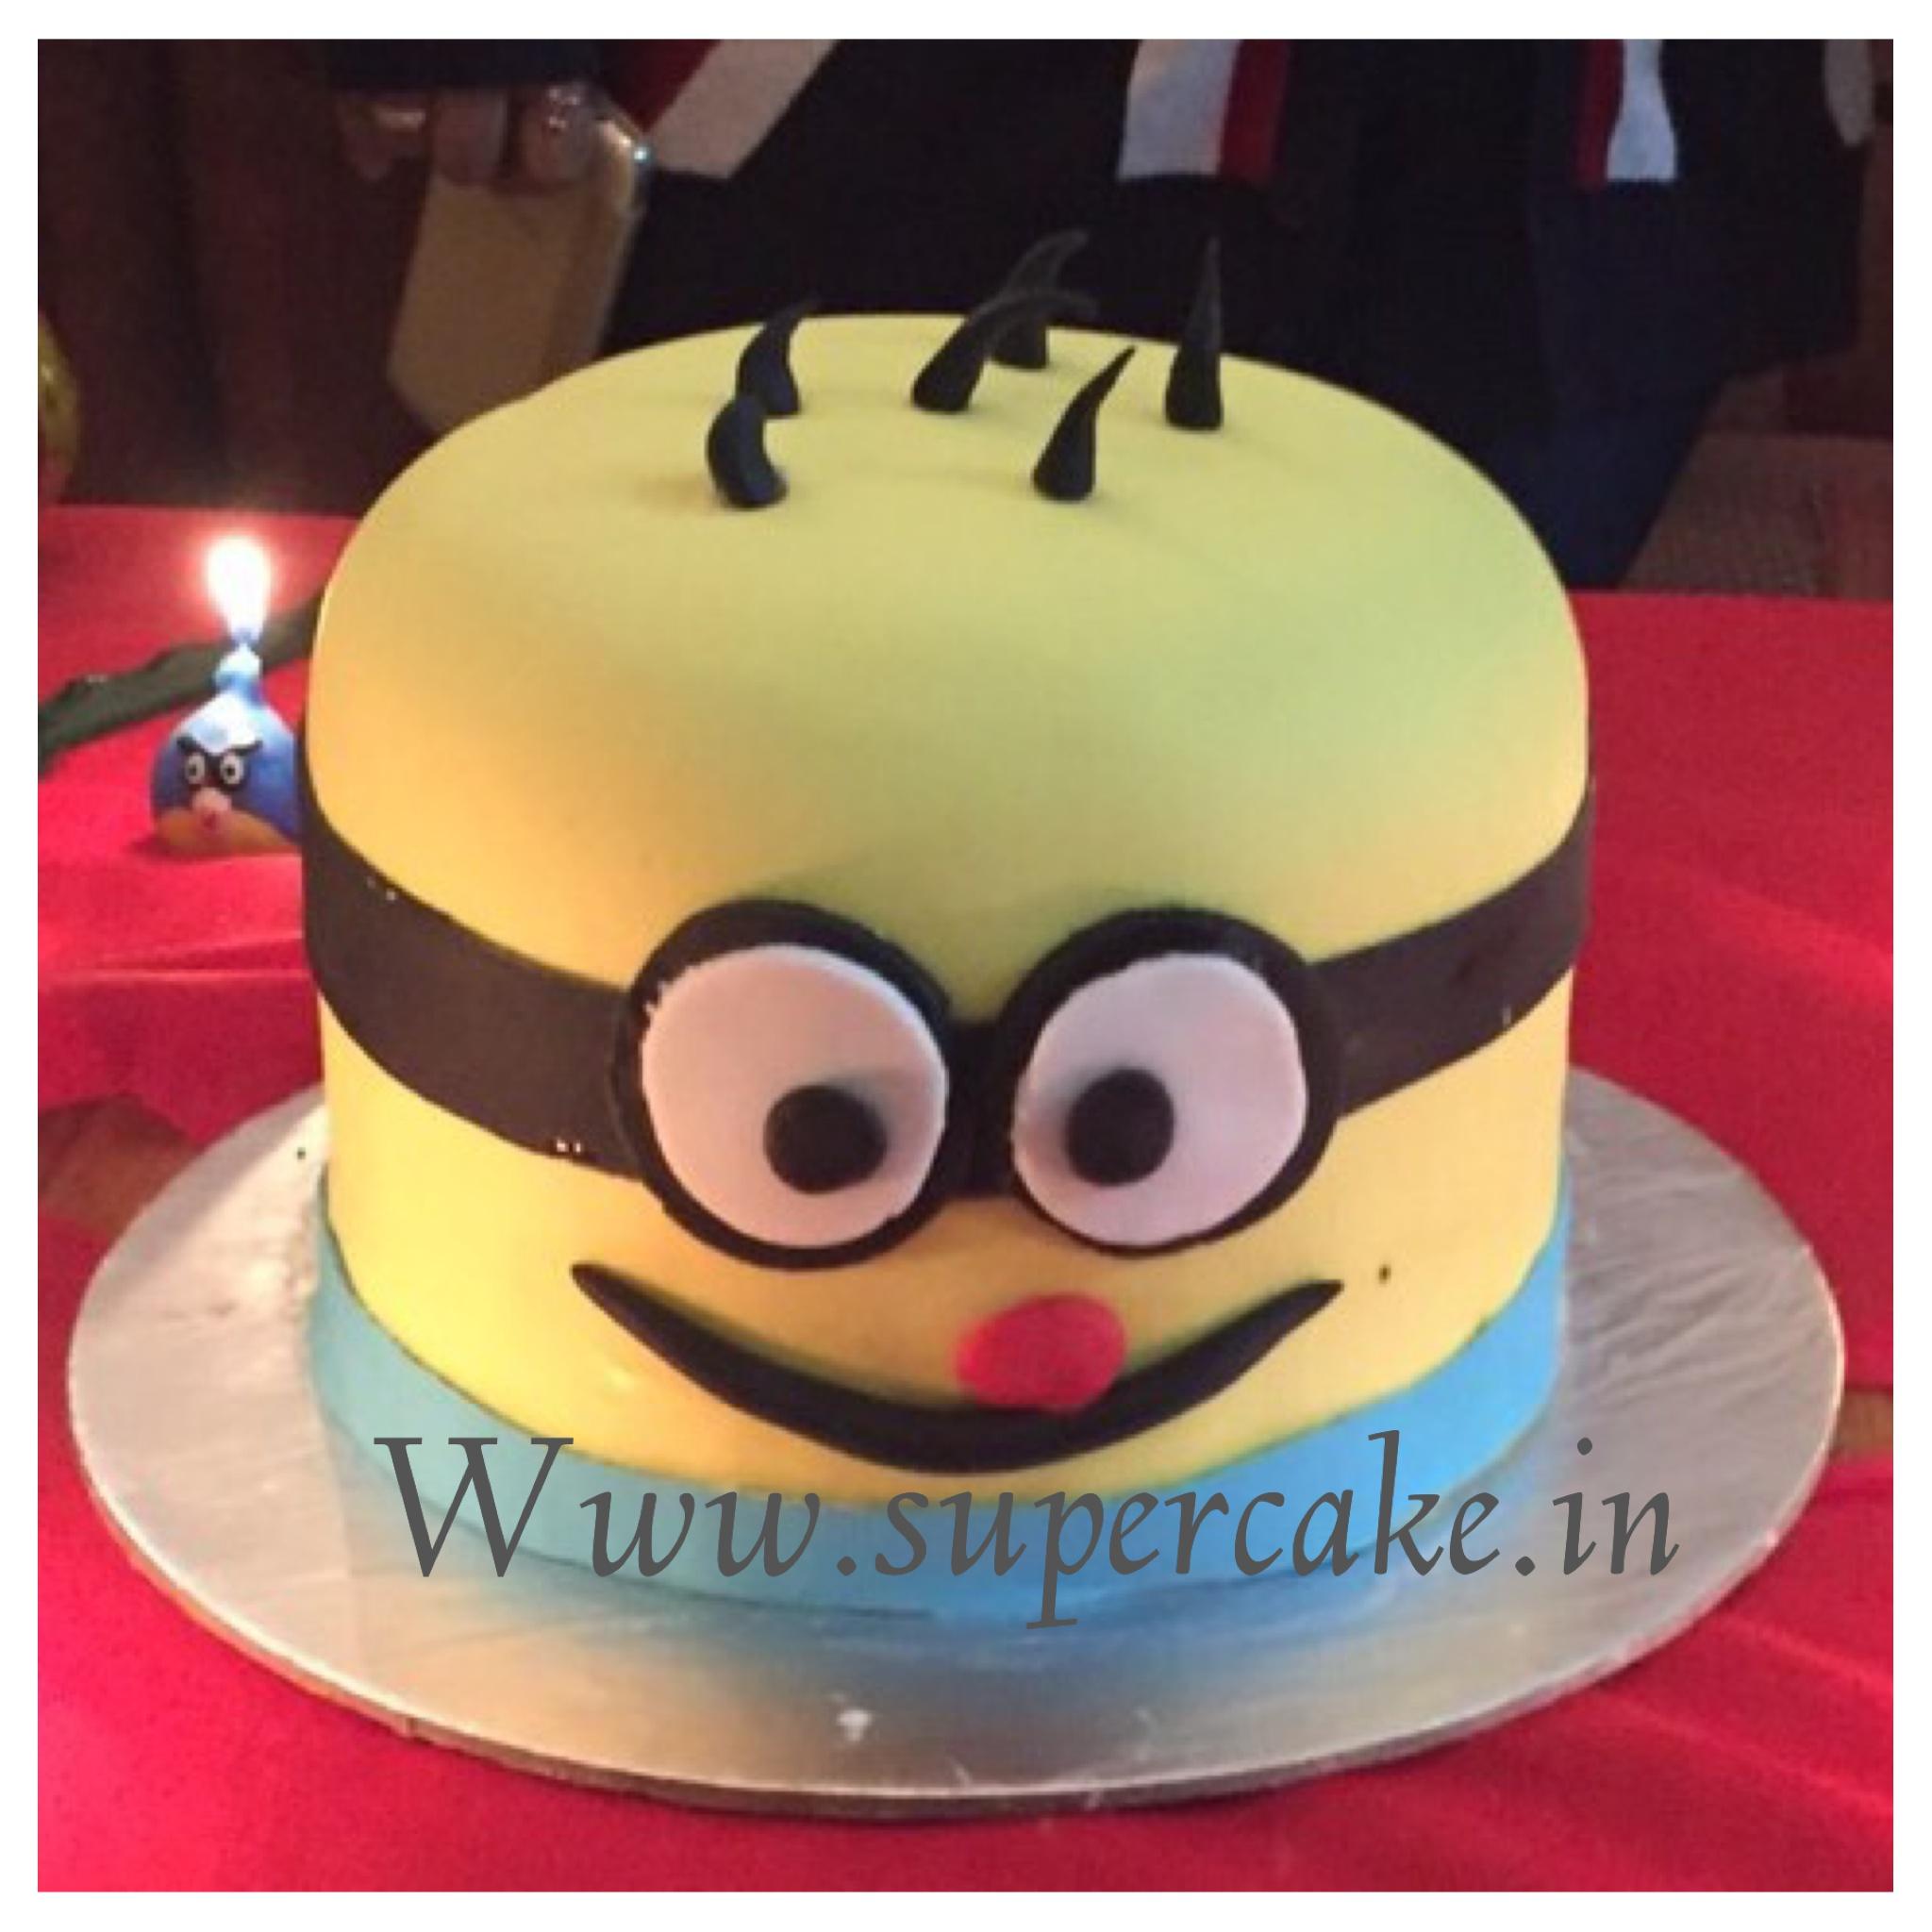 Cake Design For 1 Kg : 1kg cake designer